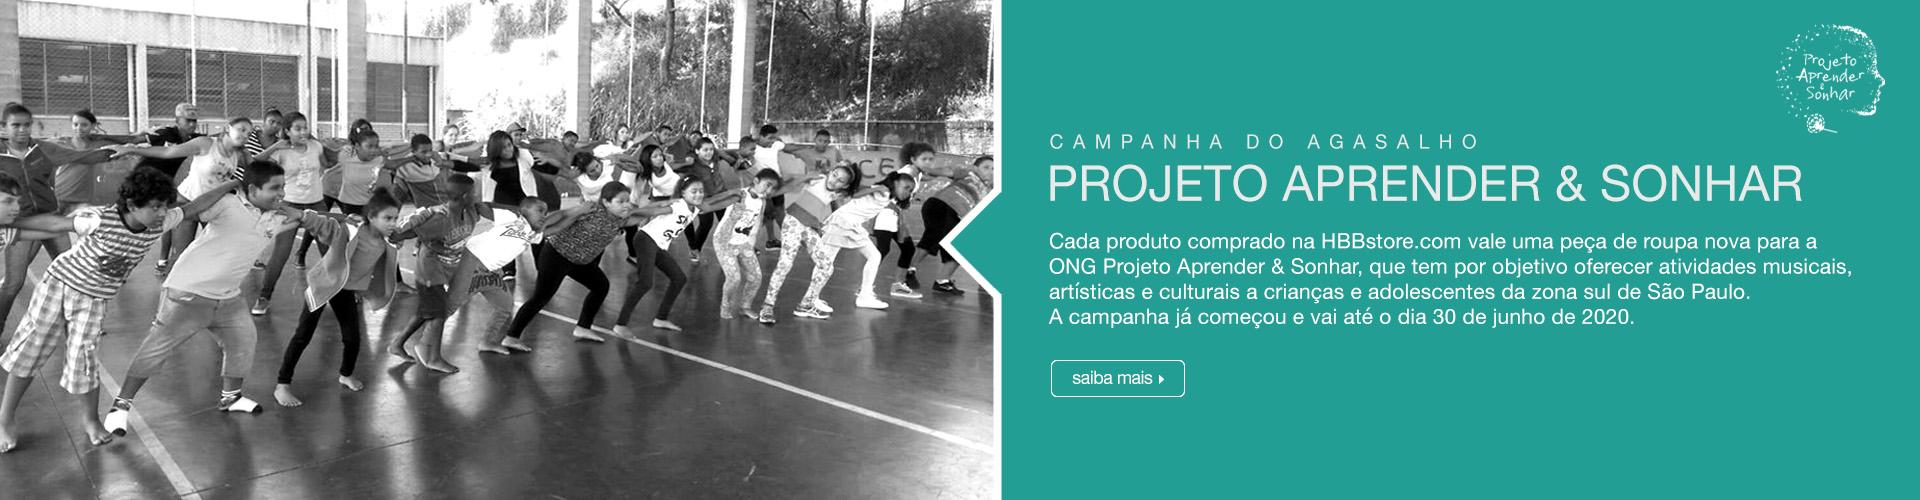 Full Banner Projeto Aprender & Sonhar